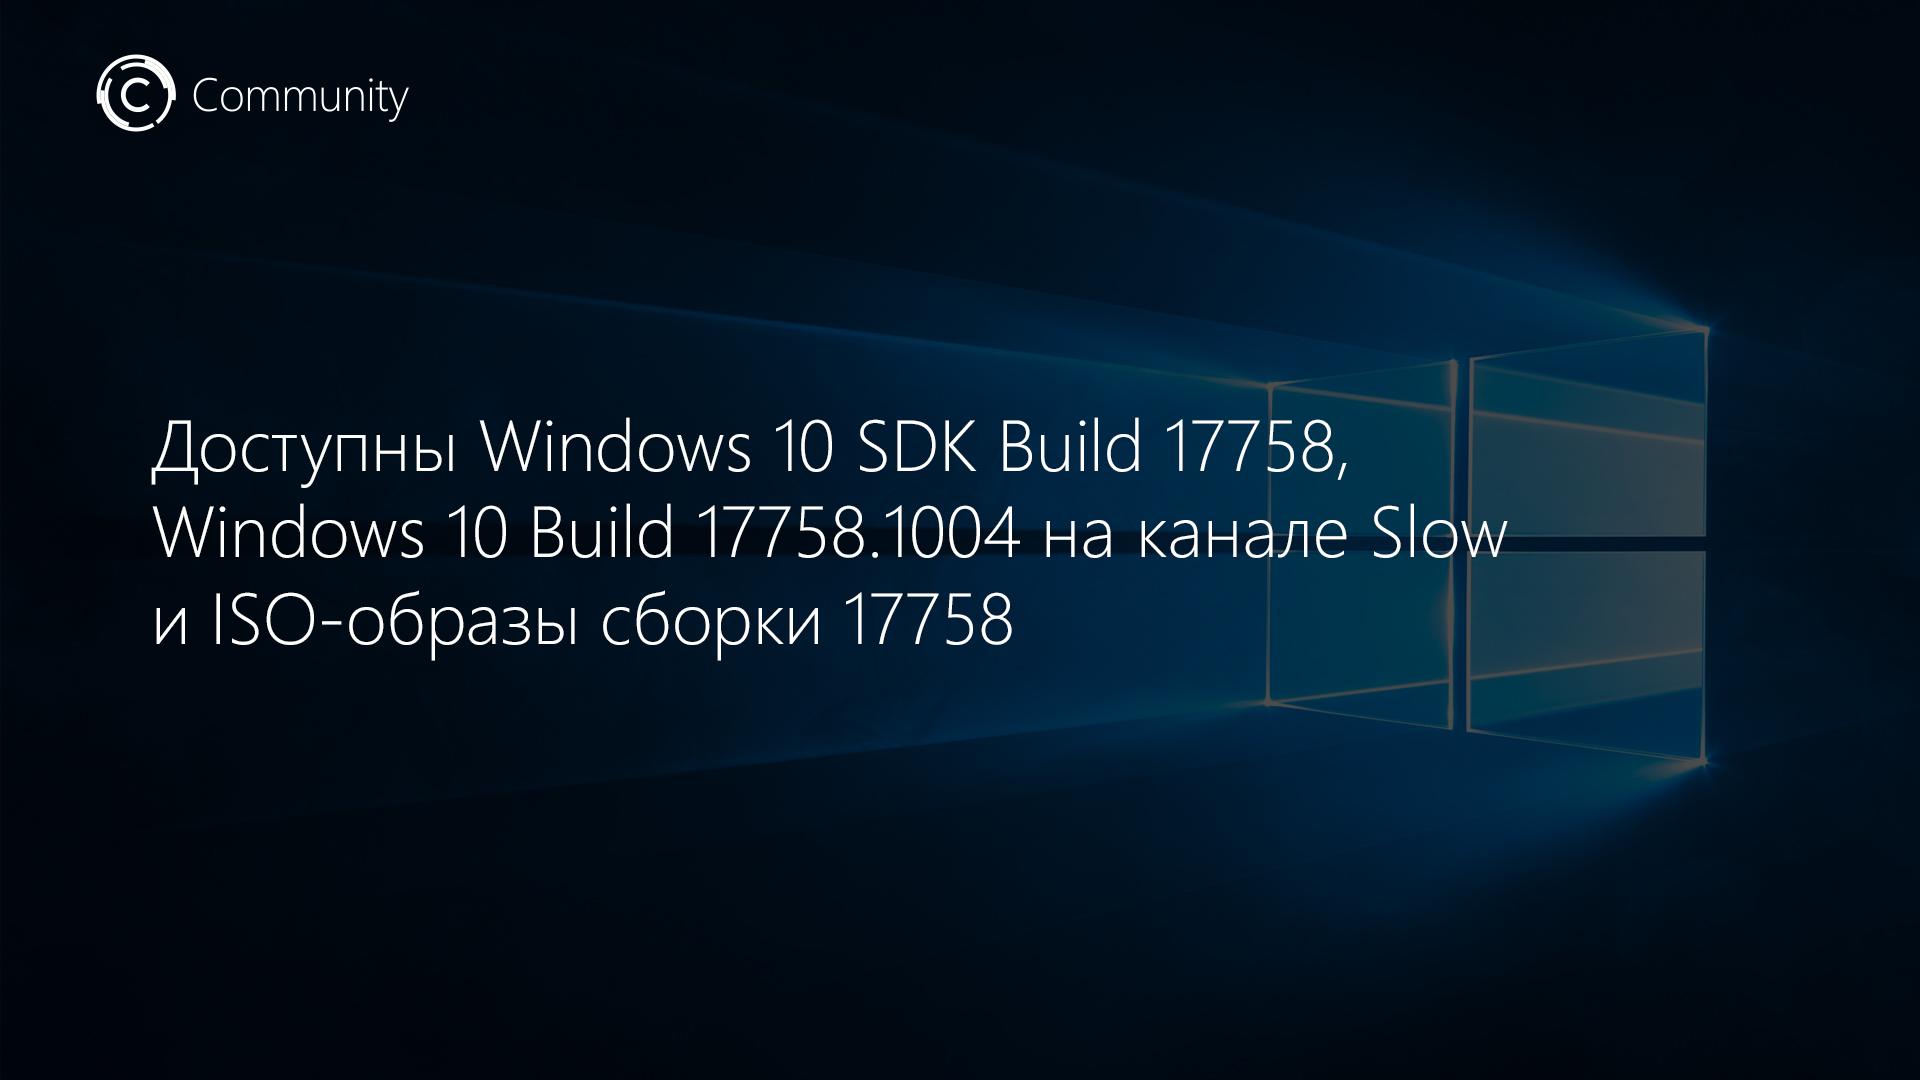 Доступны Windows 10 SDK Build 17758, Windows 10 Build